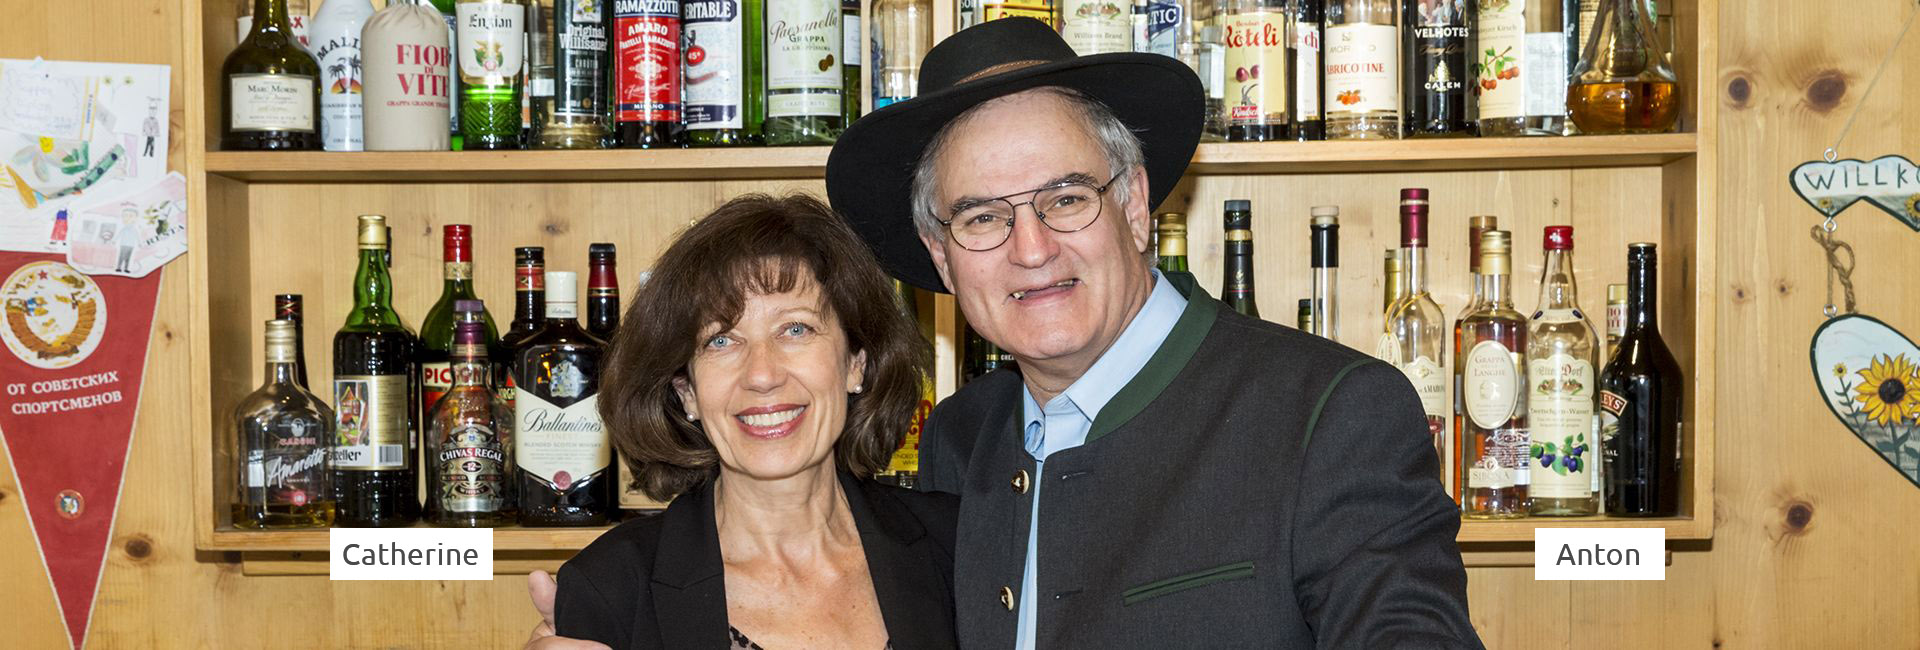 Catherine und Anton Sgier - Hoteleigentümer